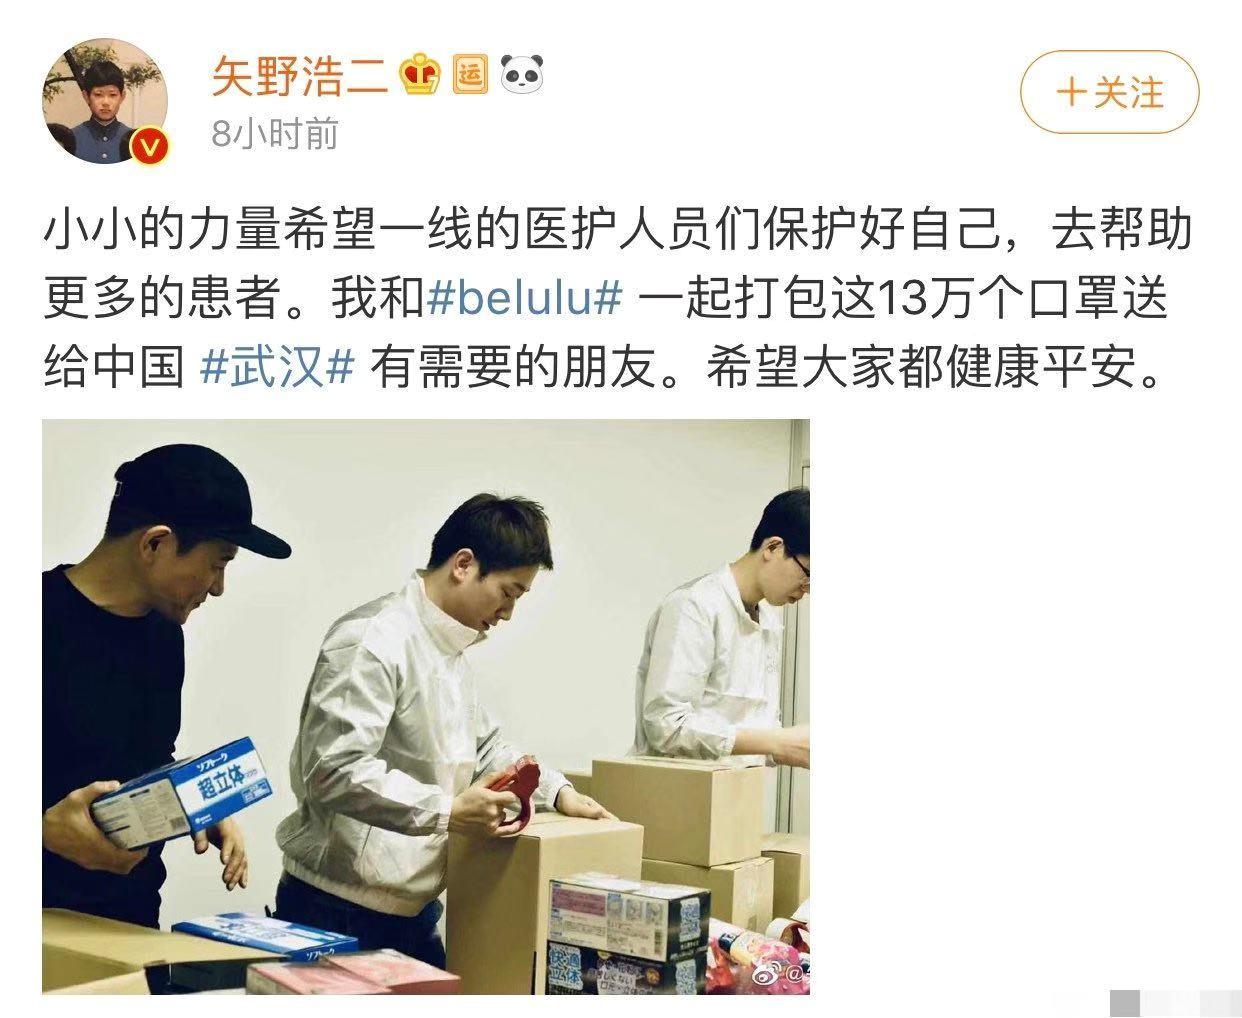 宋慧乔、刘亚仁等韩星发文声援武汉,还有他们俩也捐出爱心